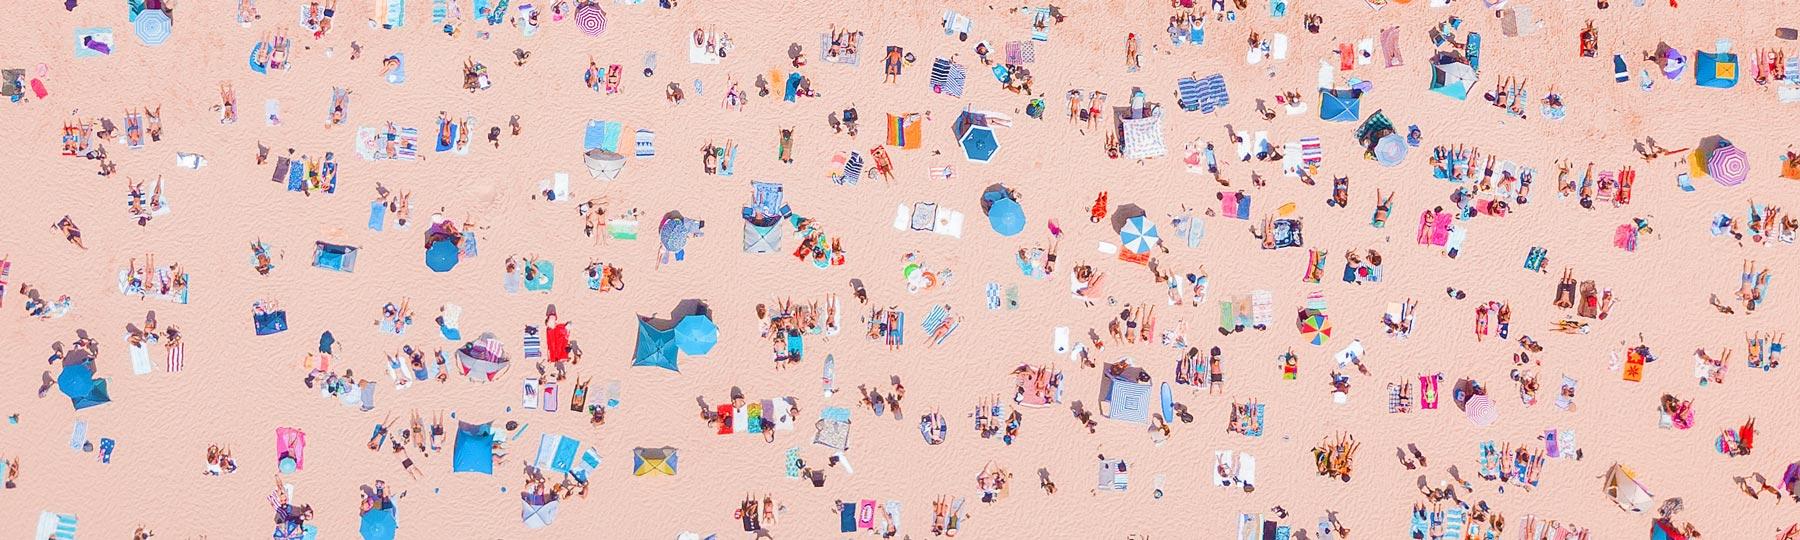 Aerial photo of Bondi Beach, NSW, Australia